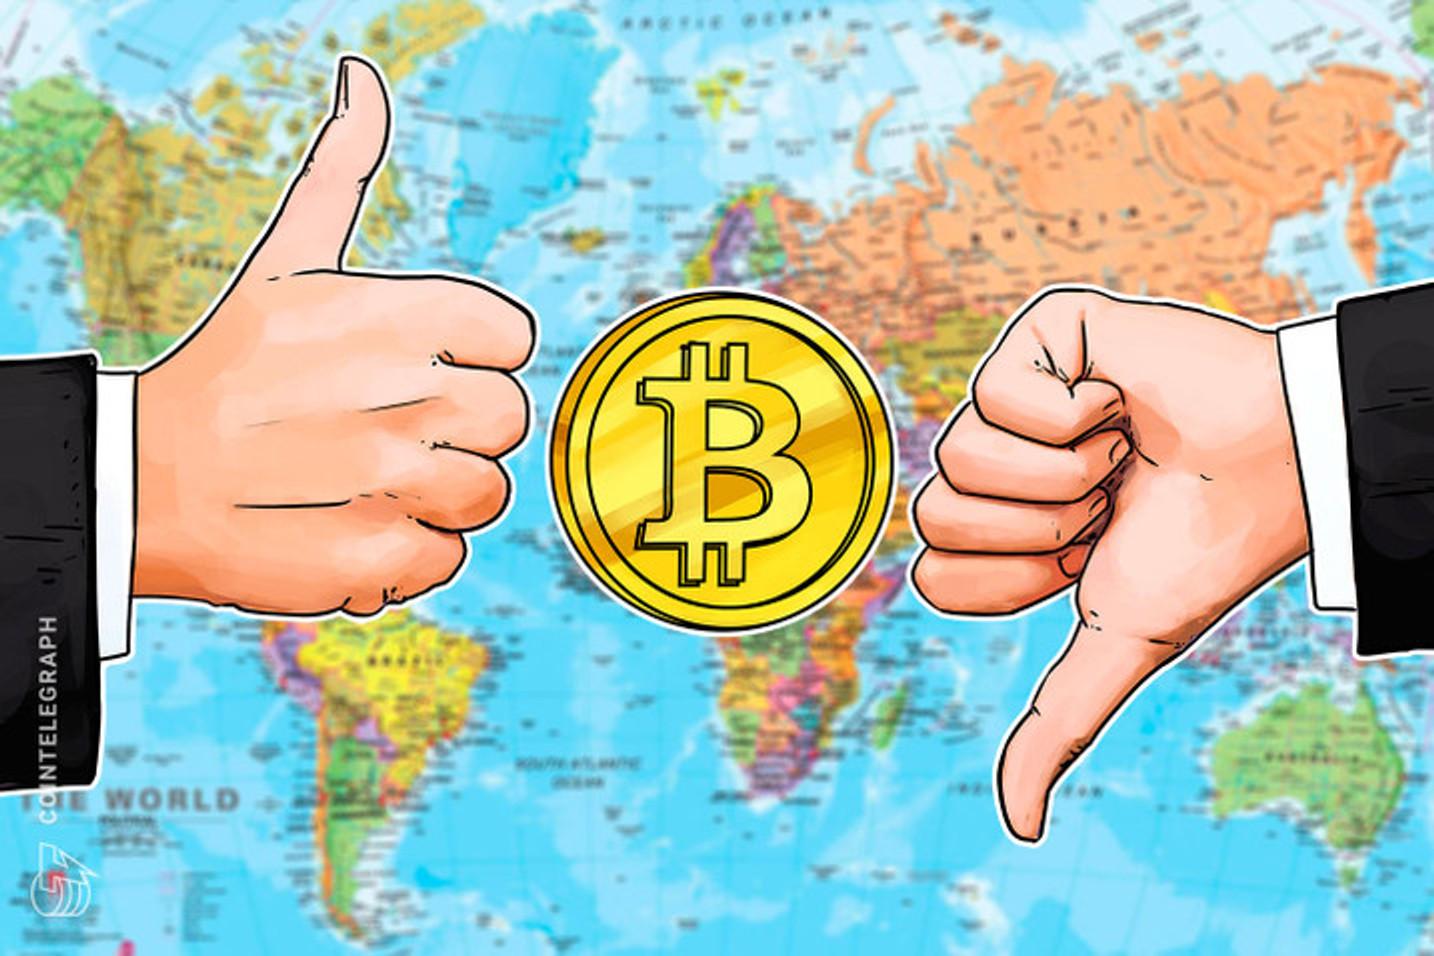 Tensión en Paraguay por posible legislación sobre criptomonedas. CEOs de TabTrader y Cryptohopper dan sus impresiones